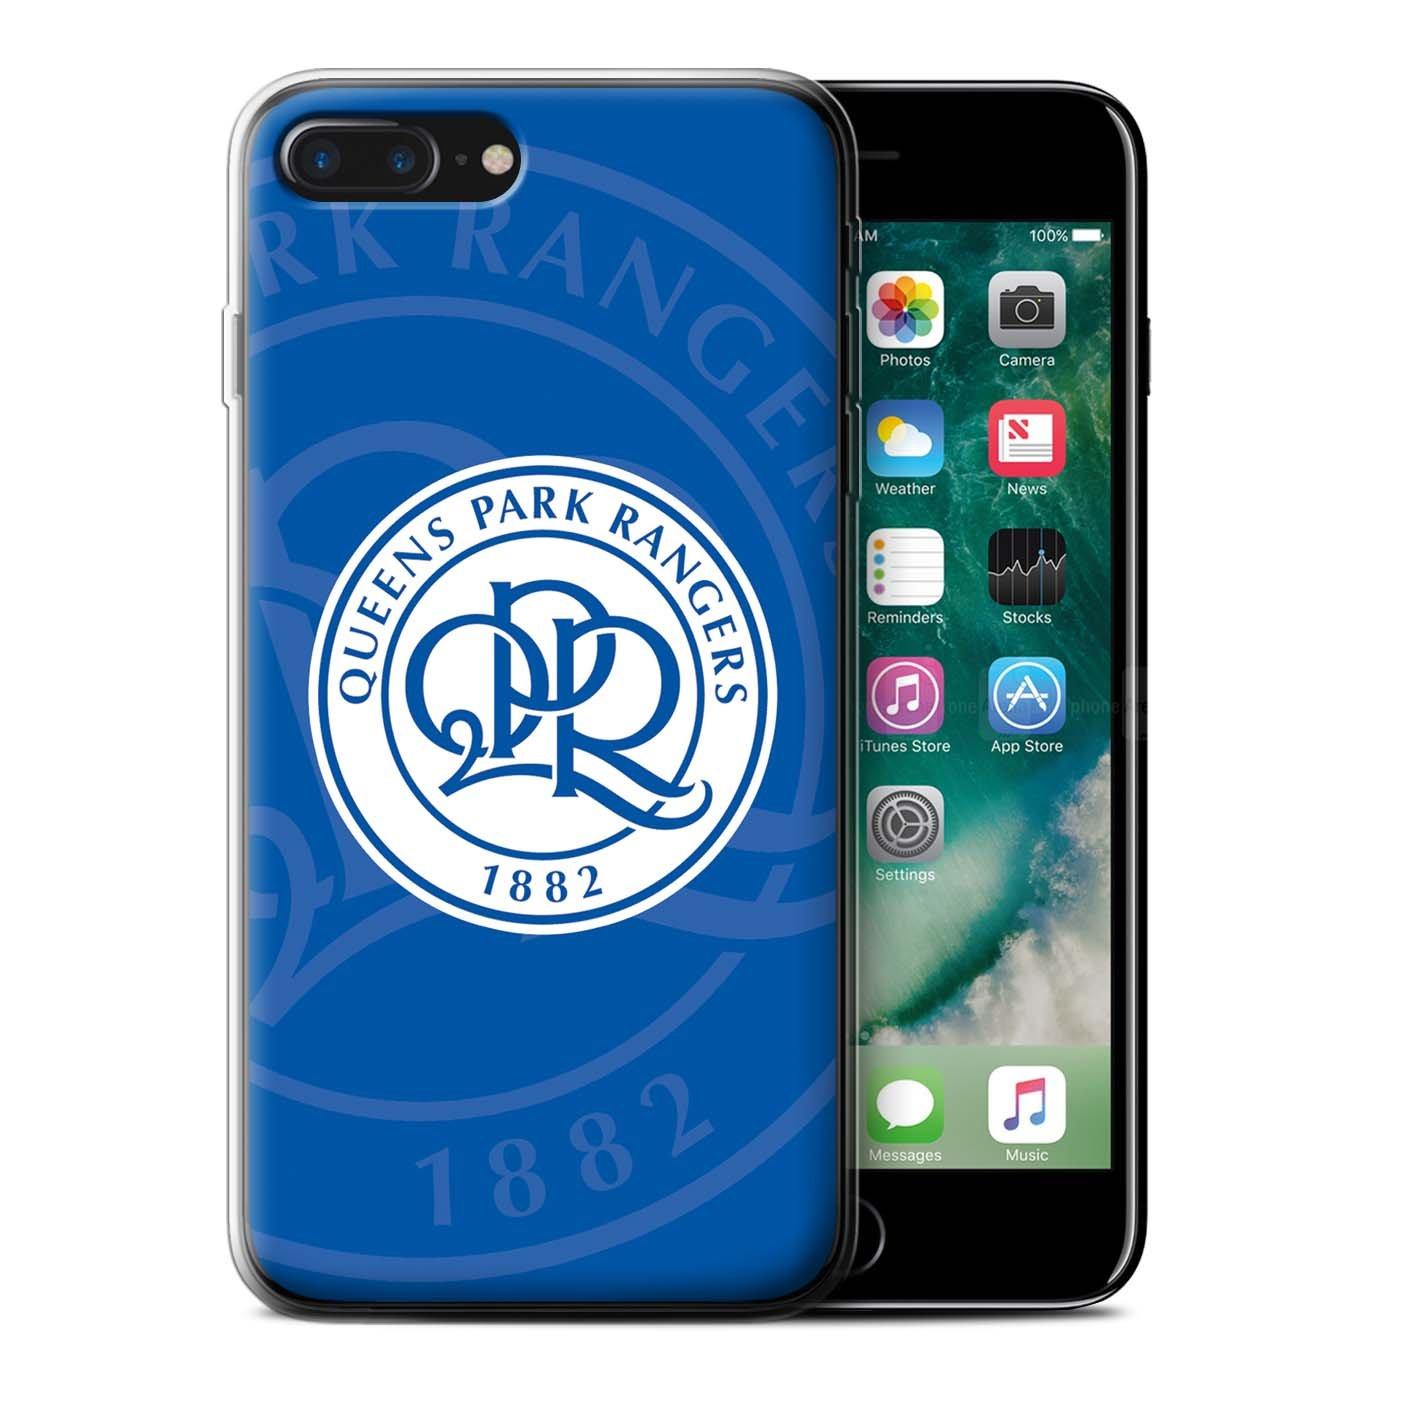 qpr phone case iphone 7